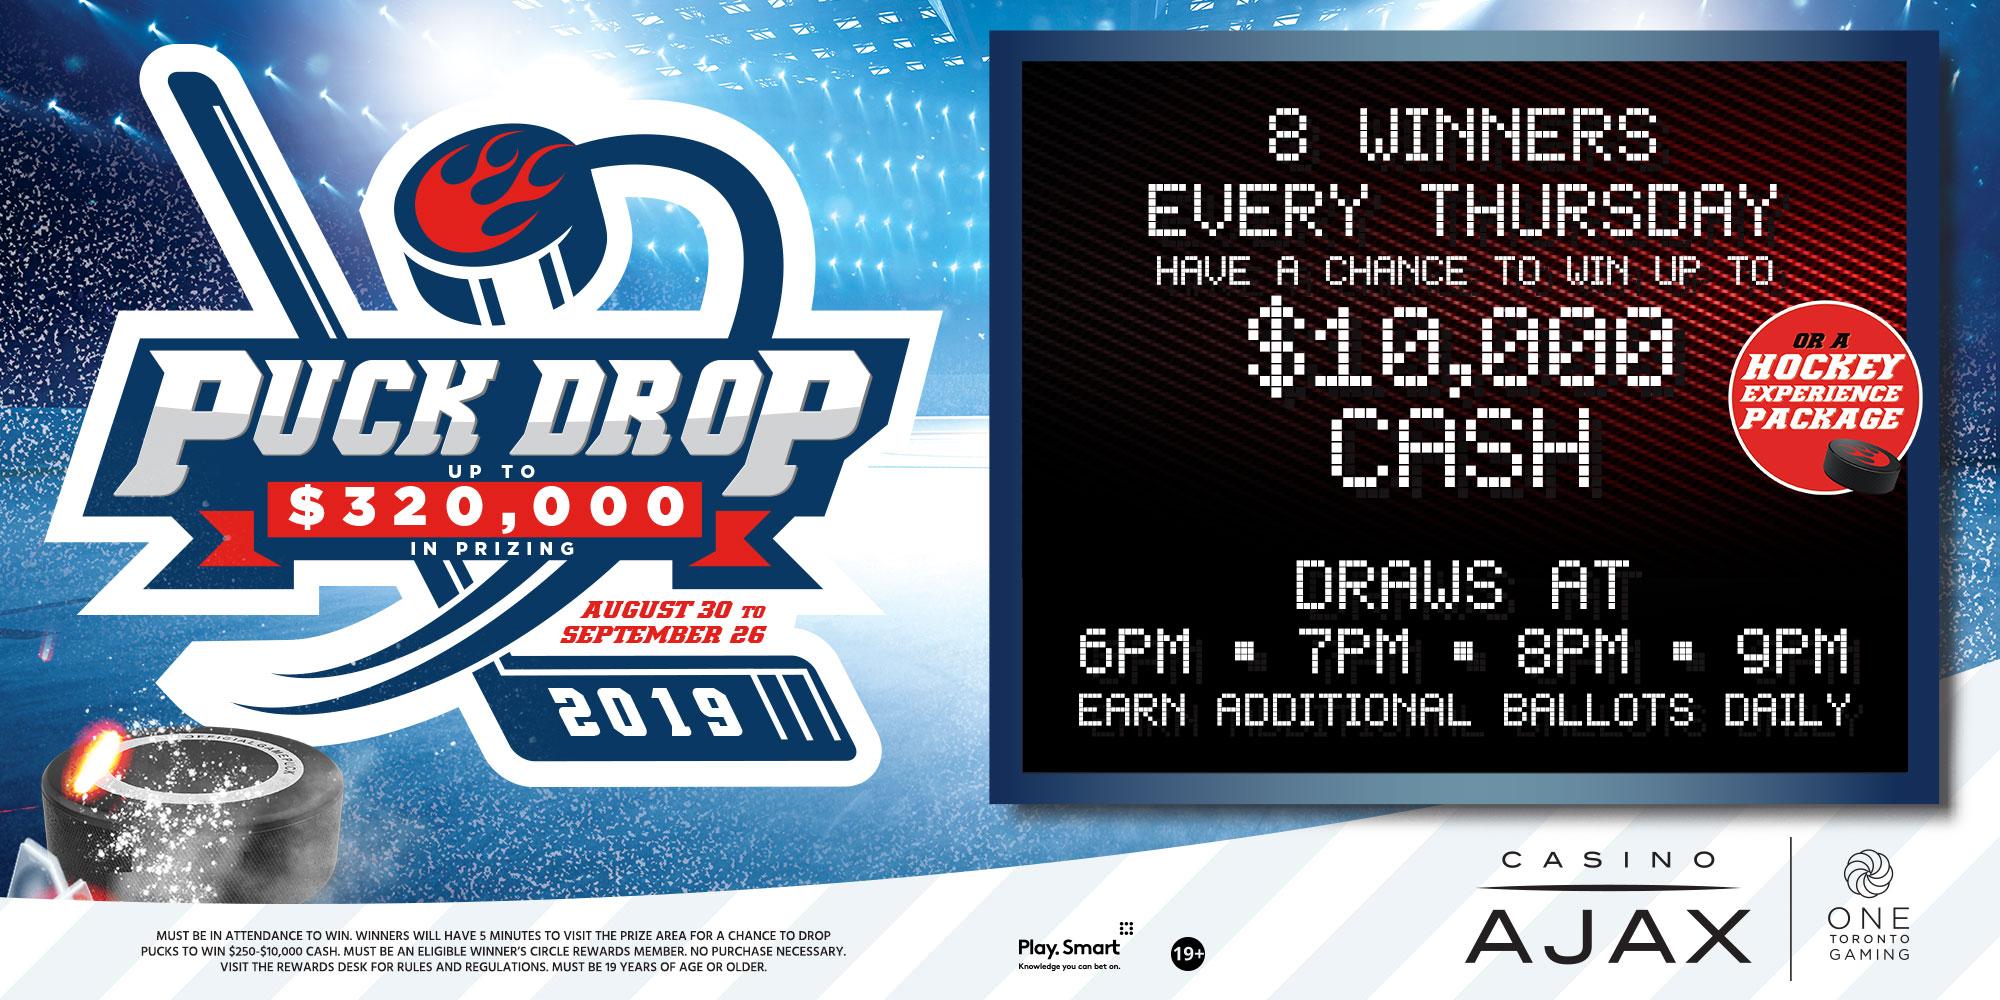 Puck Drop Promotion